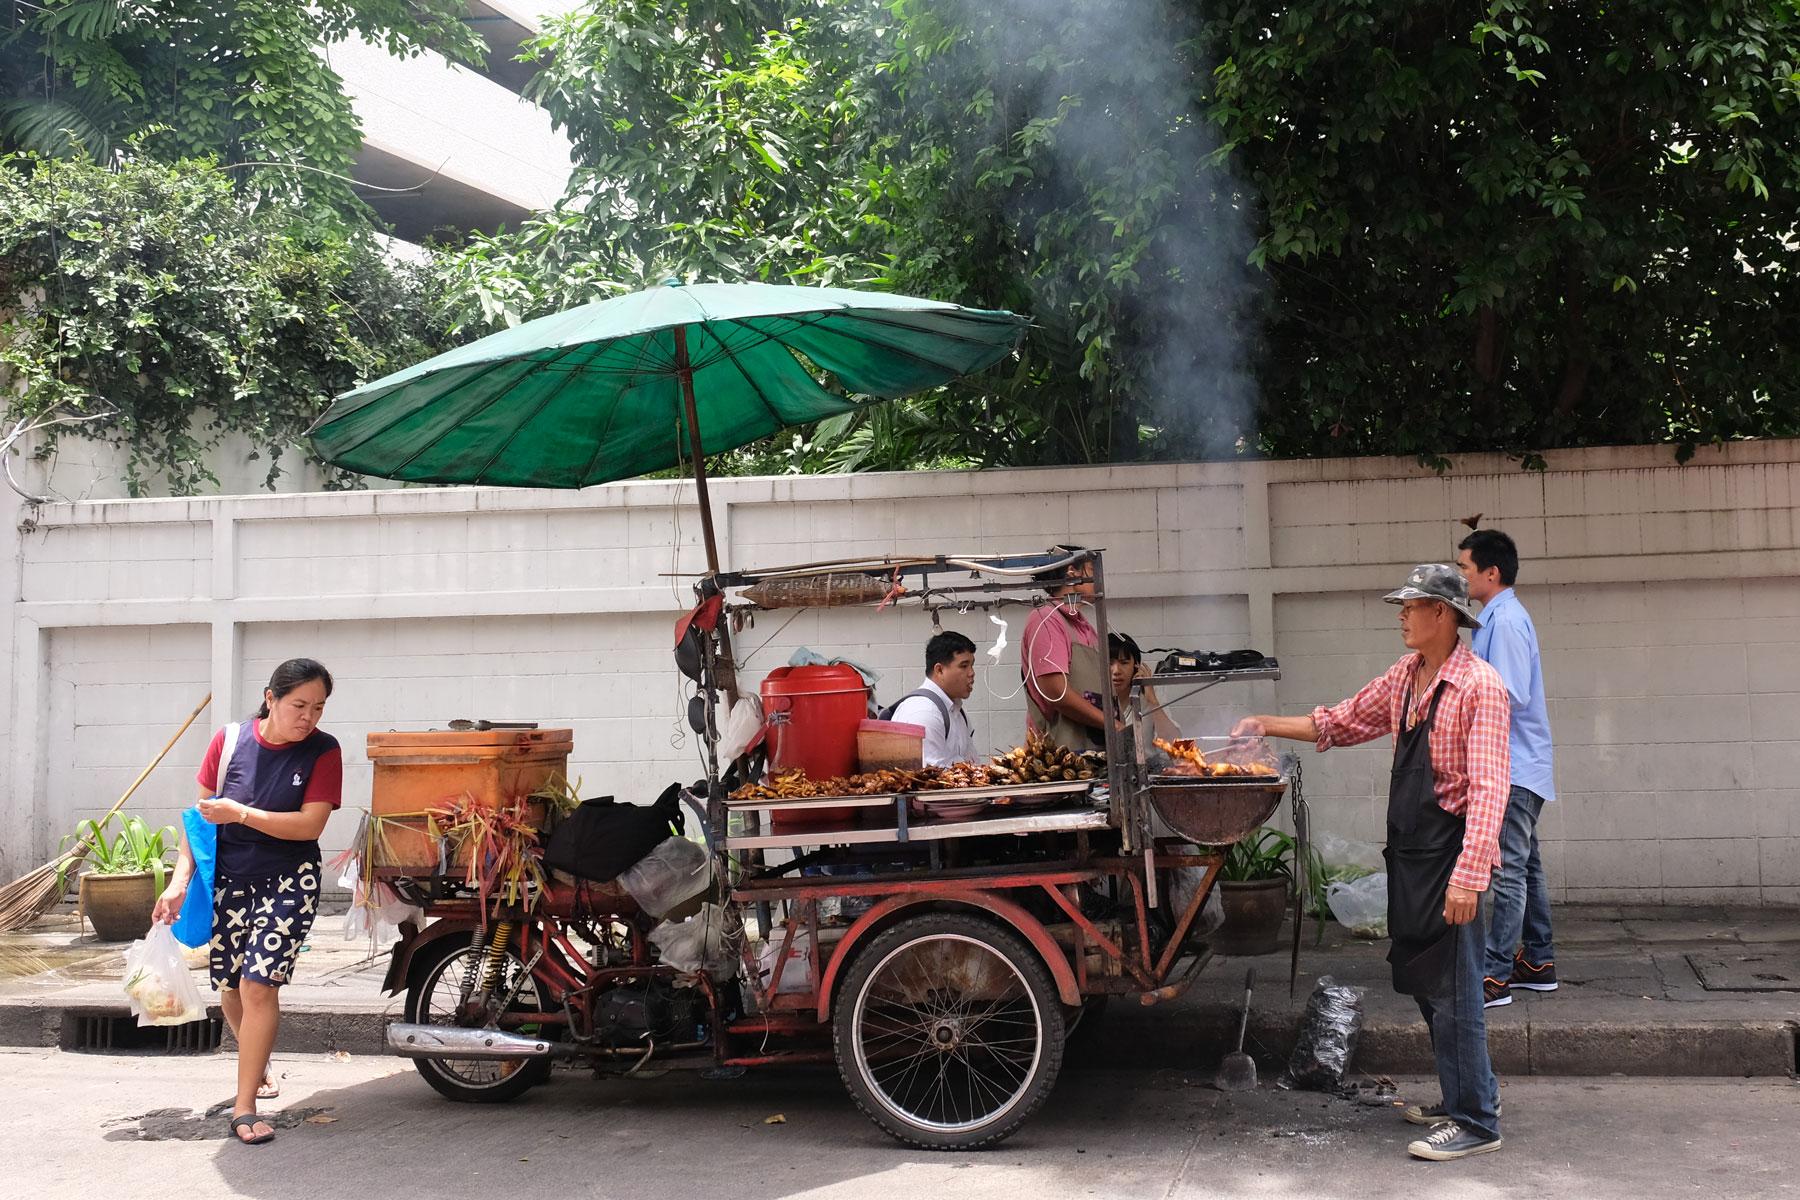 Ein mobiler Essenstand verkauft streetfood auf der Straße.